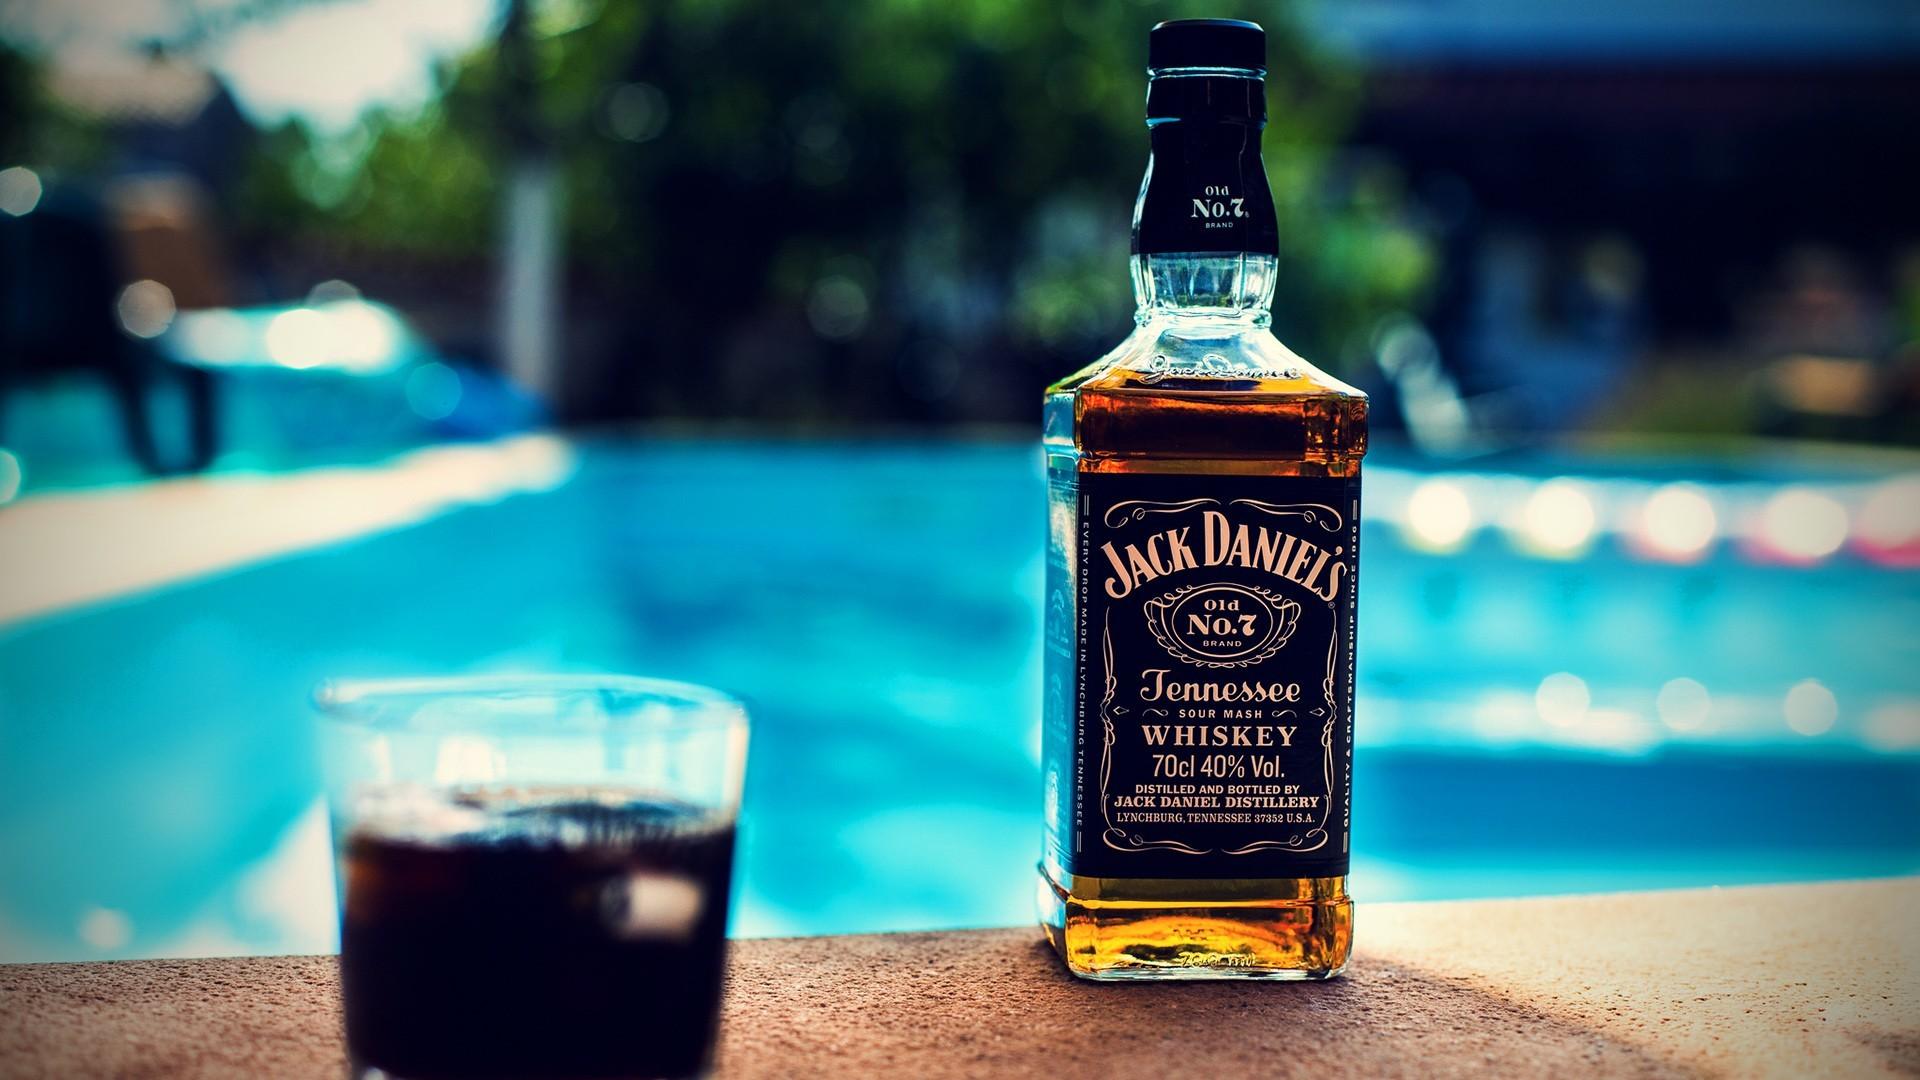 Beliebte Jack Daniels Bilder für Mobiltelefone